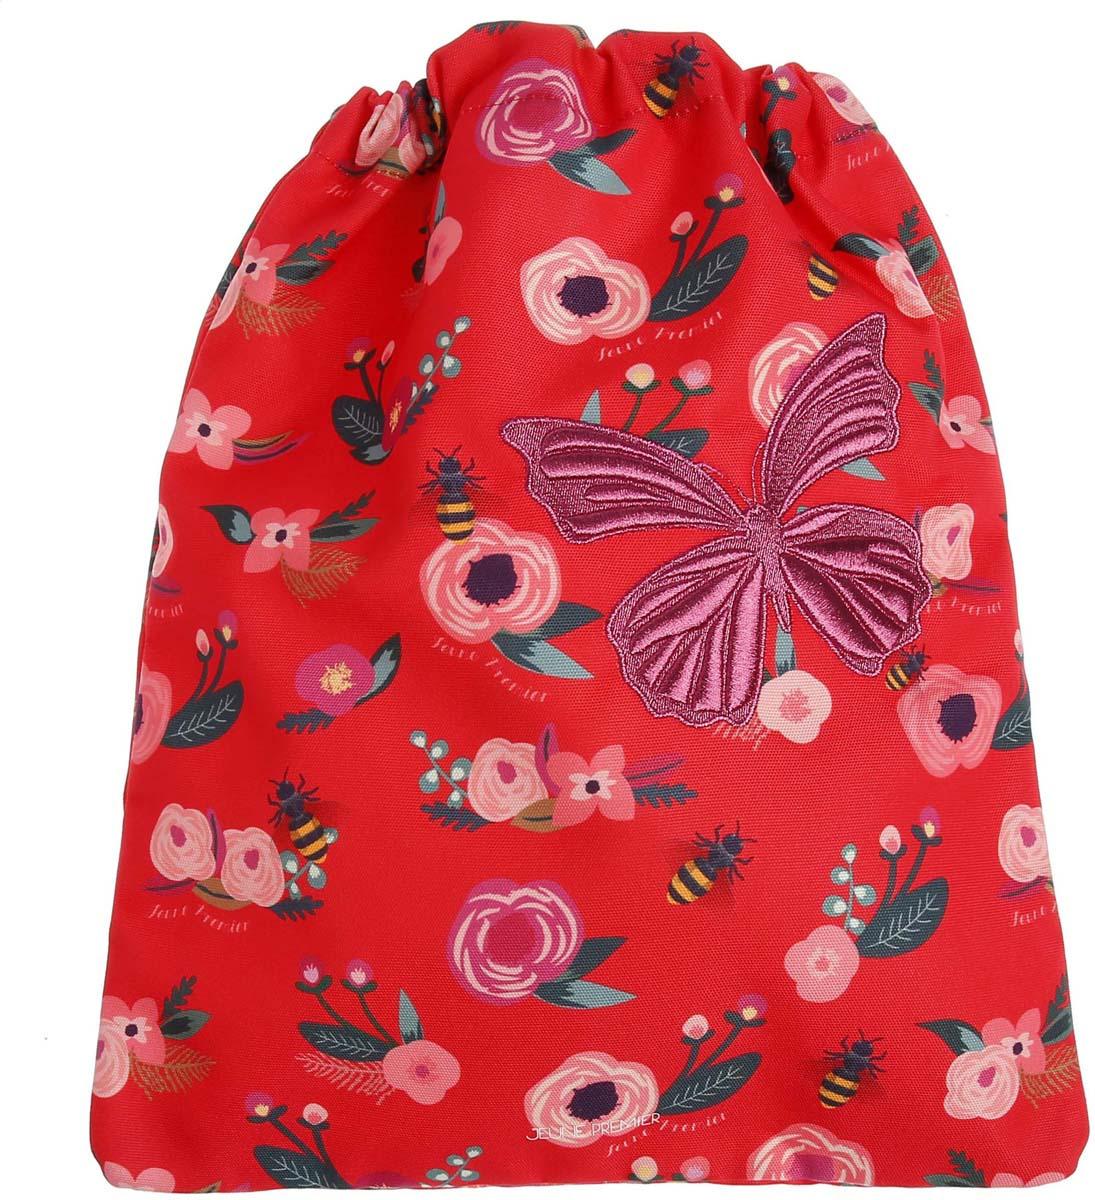 Сумка для сменной обуви и одежды Jeune Premier Цветы с бабочкой, 35,5 х 43 см цена